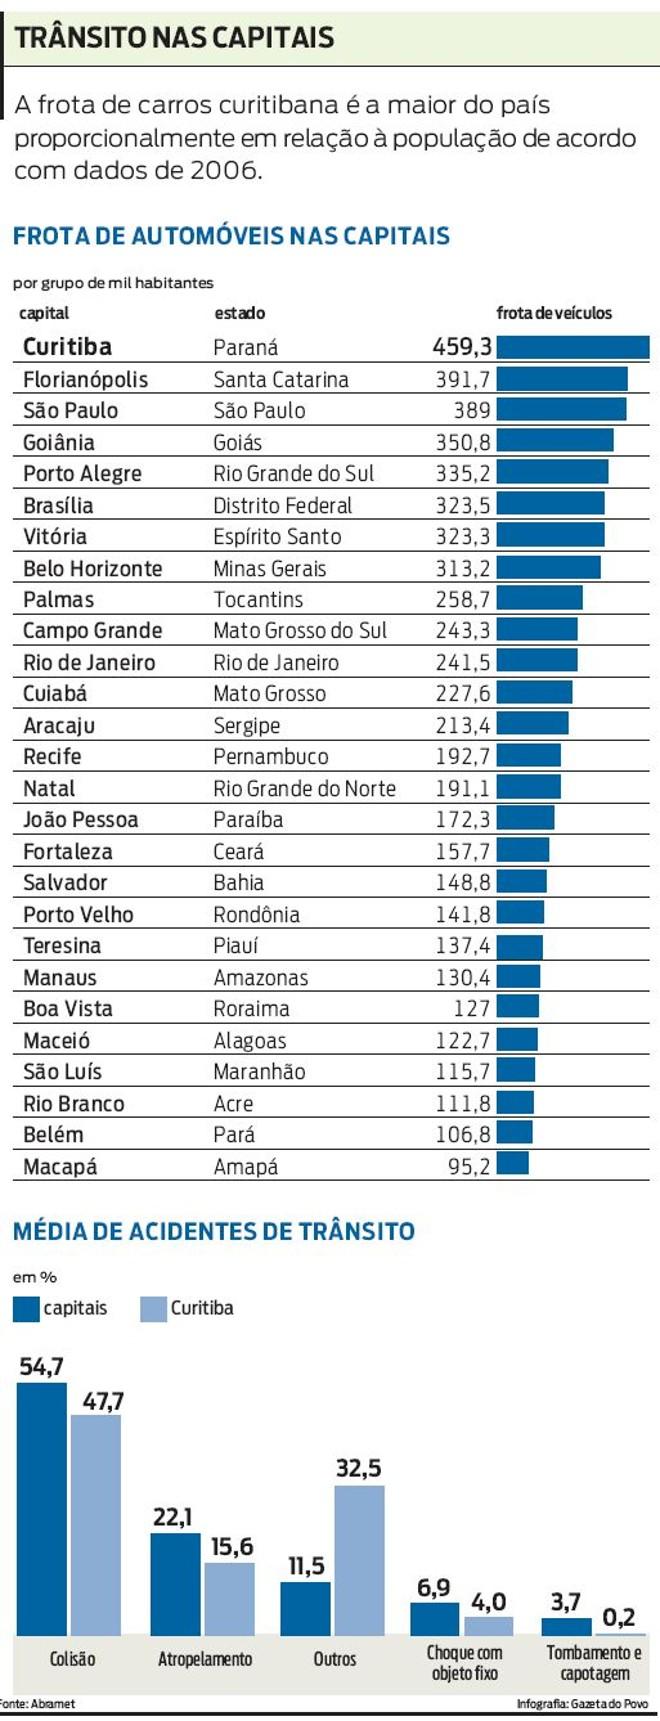 Compare a frota de automóveis e a média de acidentes nas capitais |